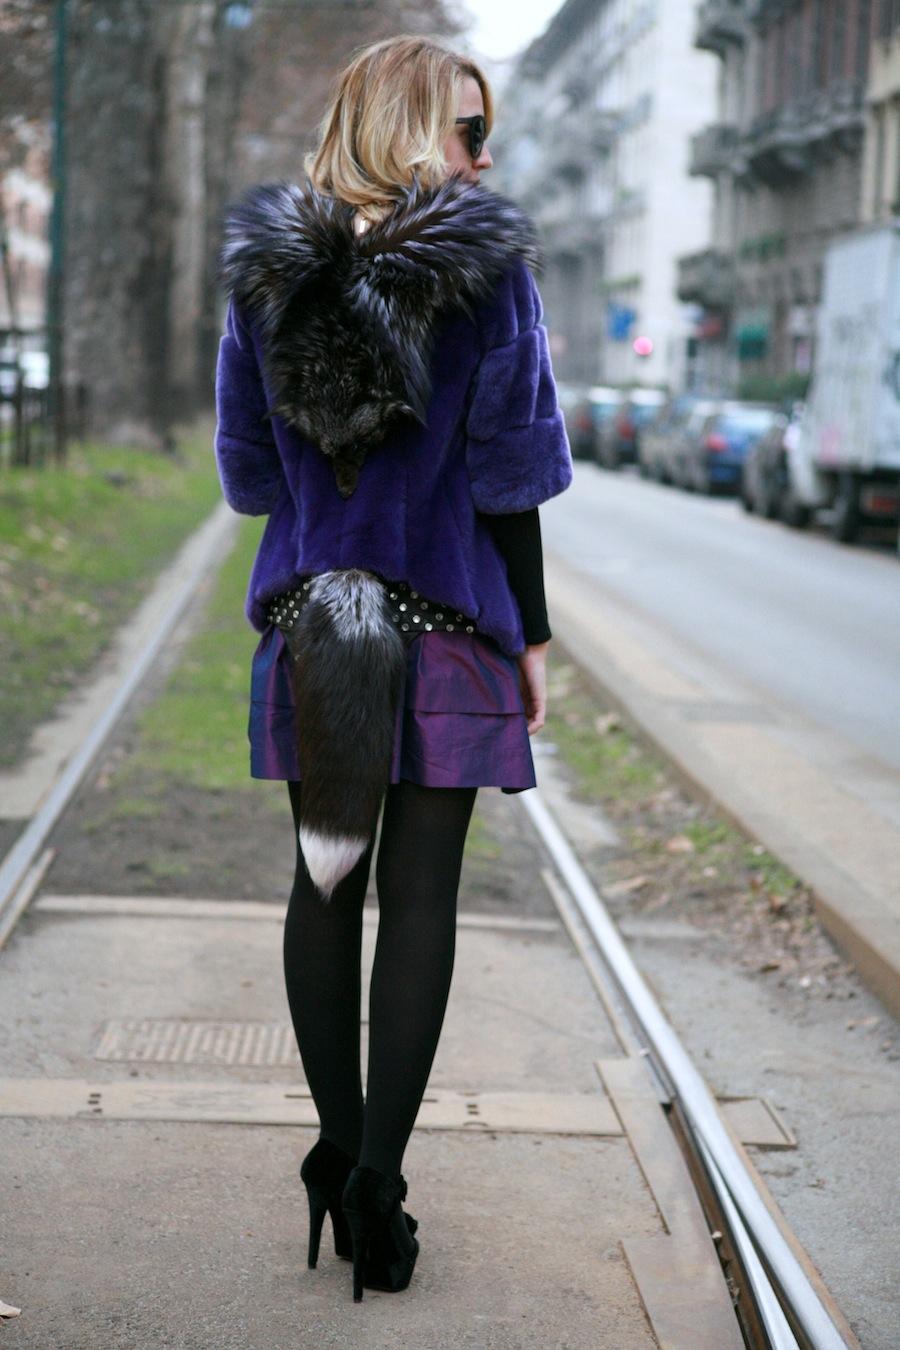 dietro_della_pelliccia_di-lady_fur